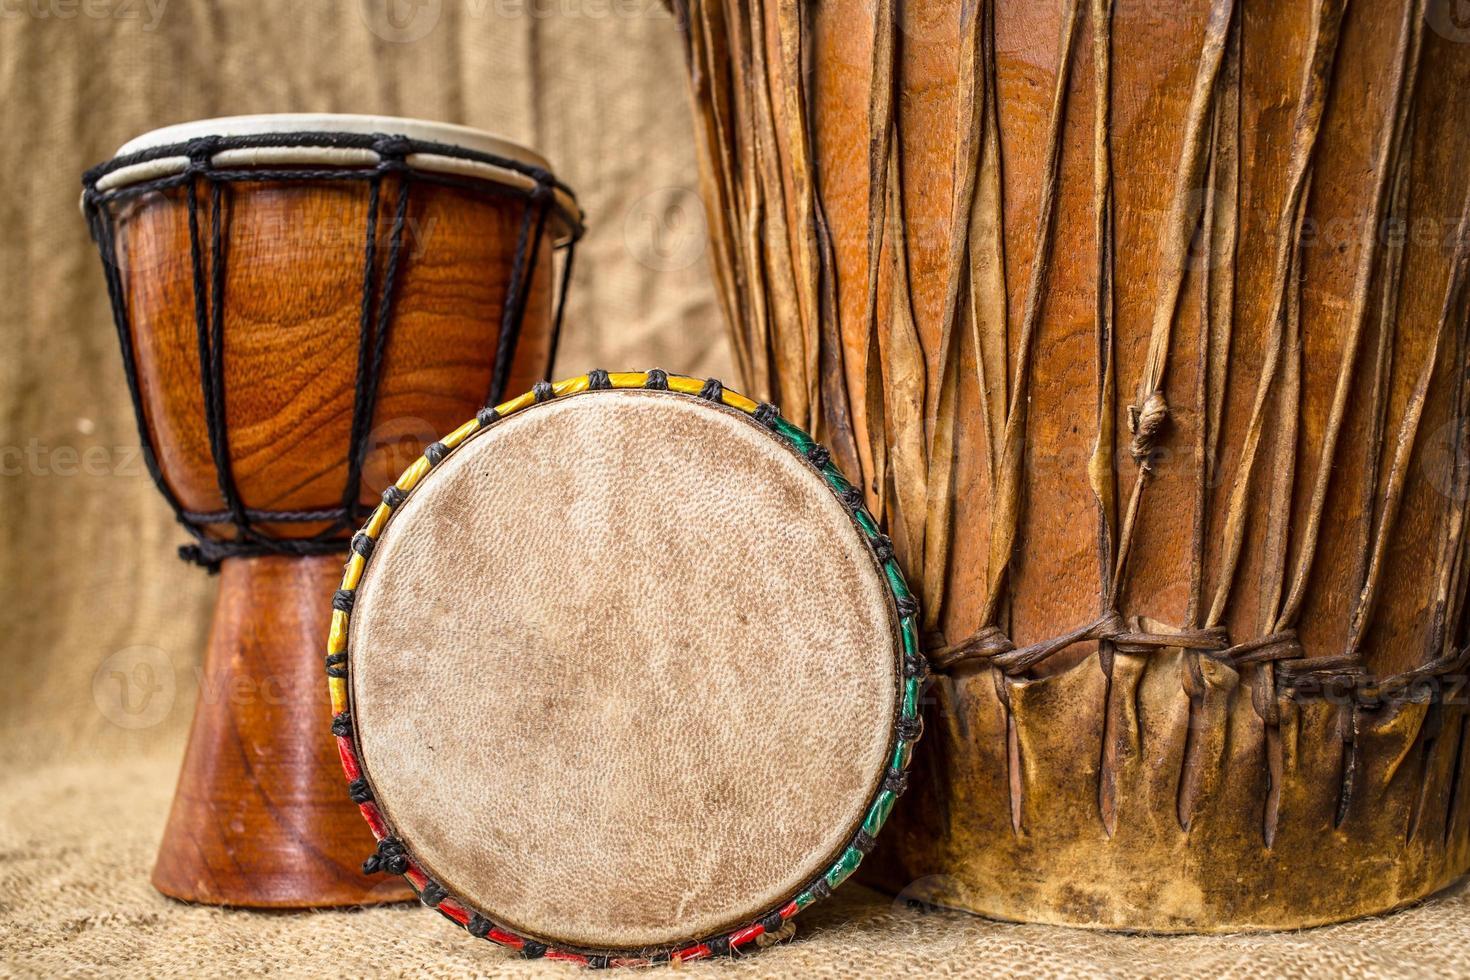 tambours de djembé à la main photo